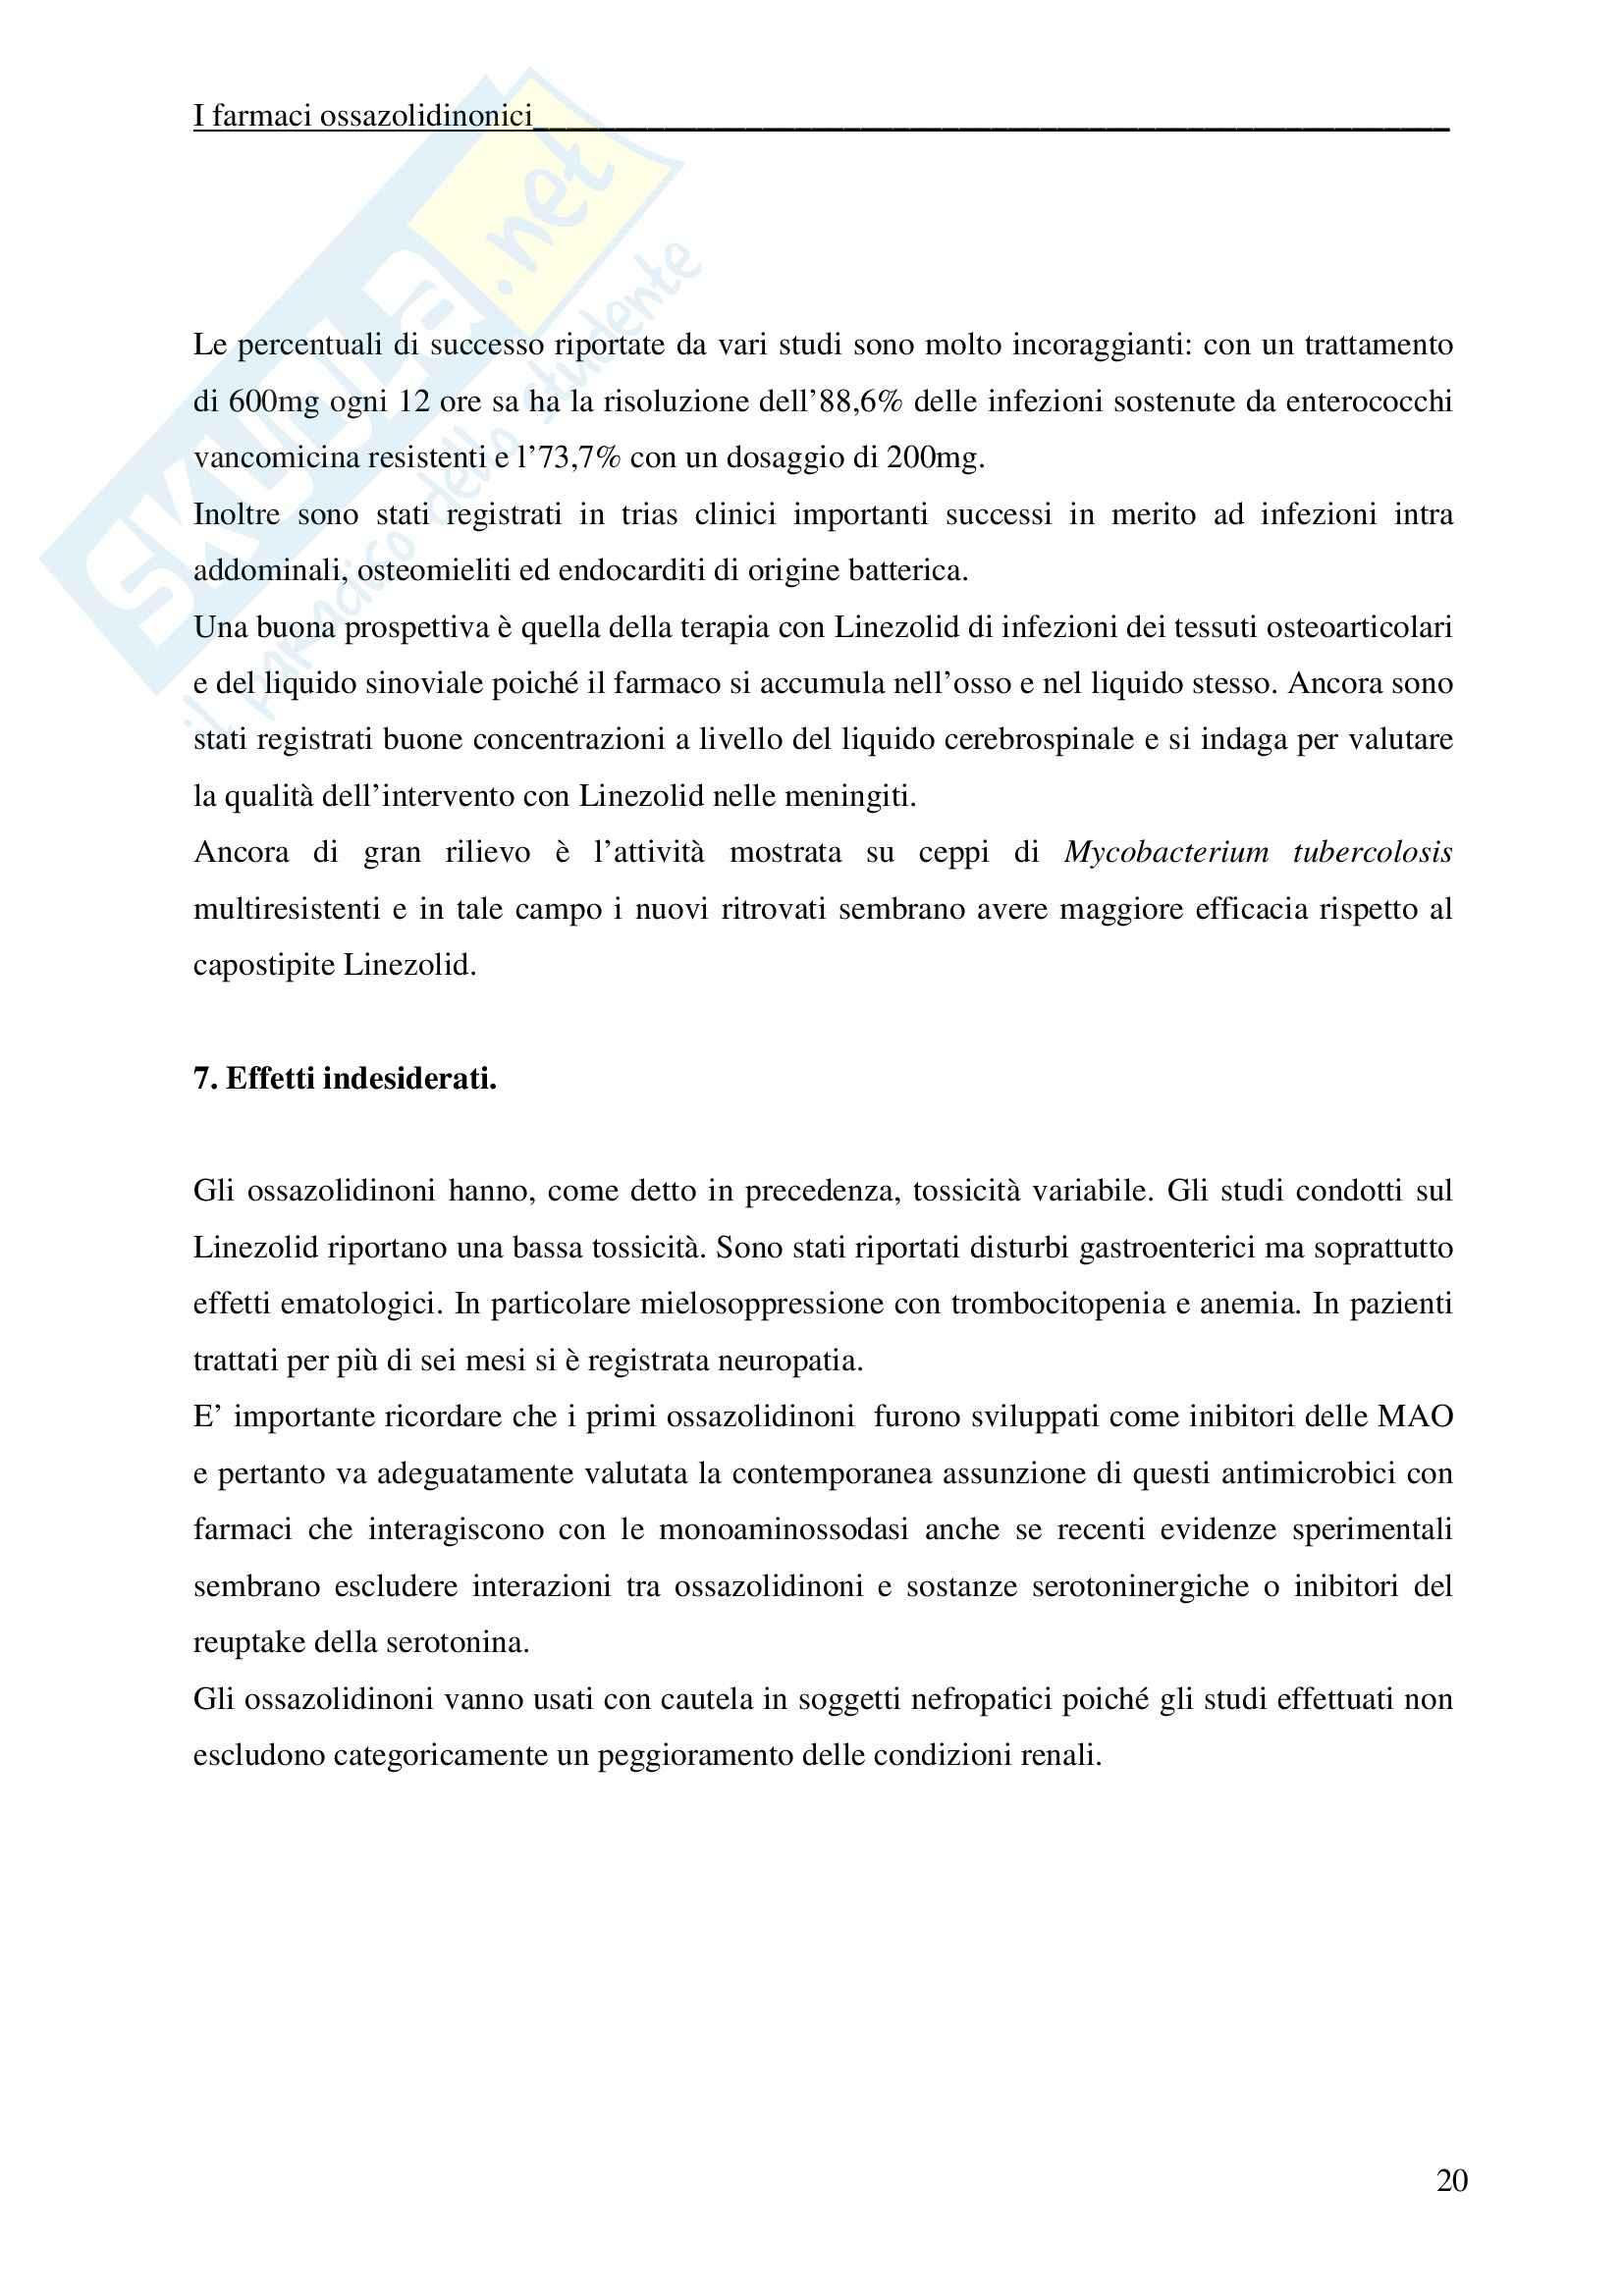 Chimica farmaceutica - ossazolidinonici Pag. 21